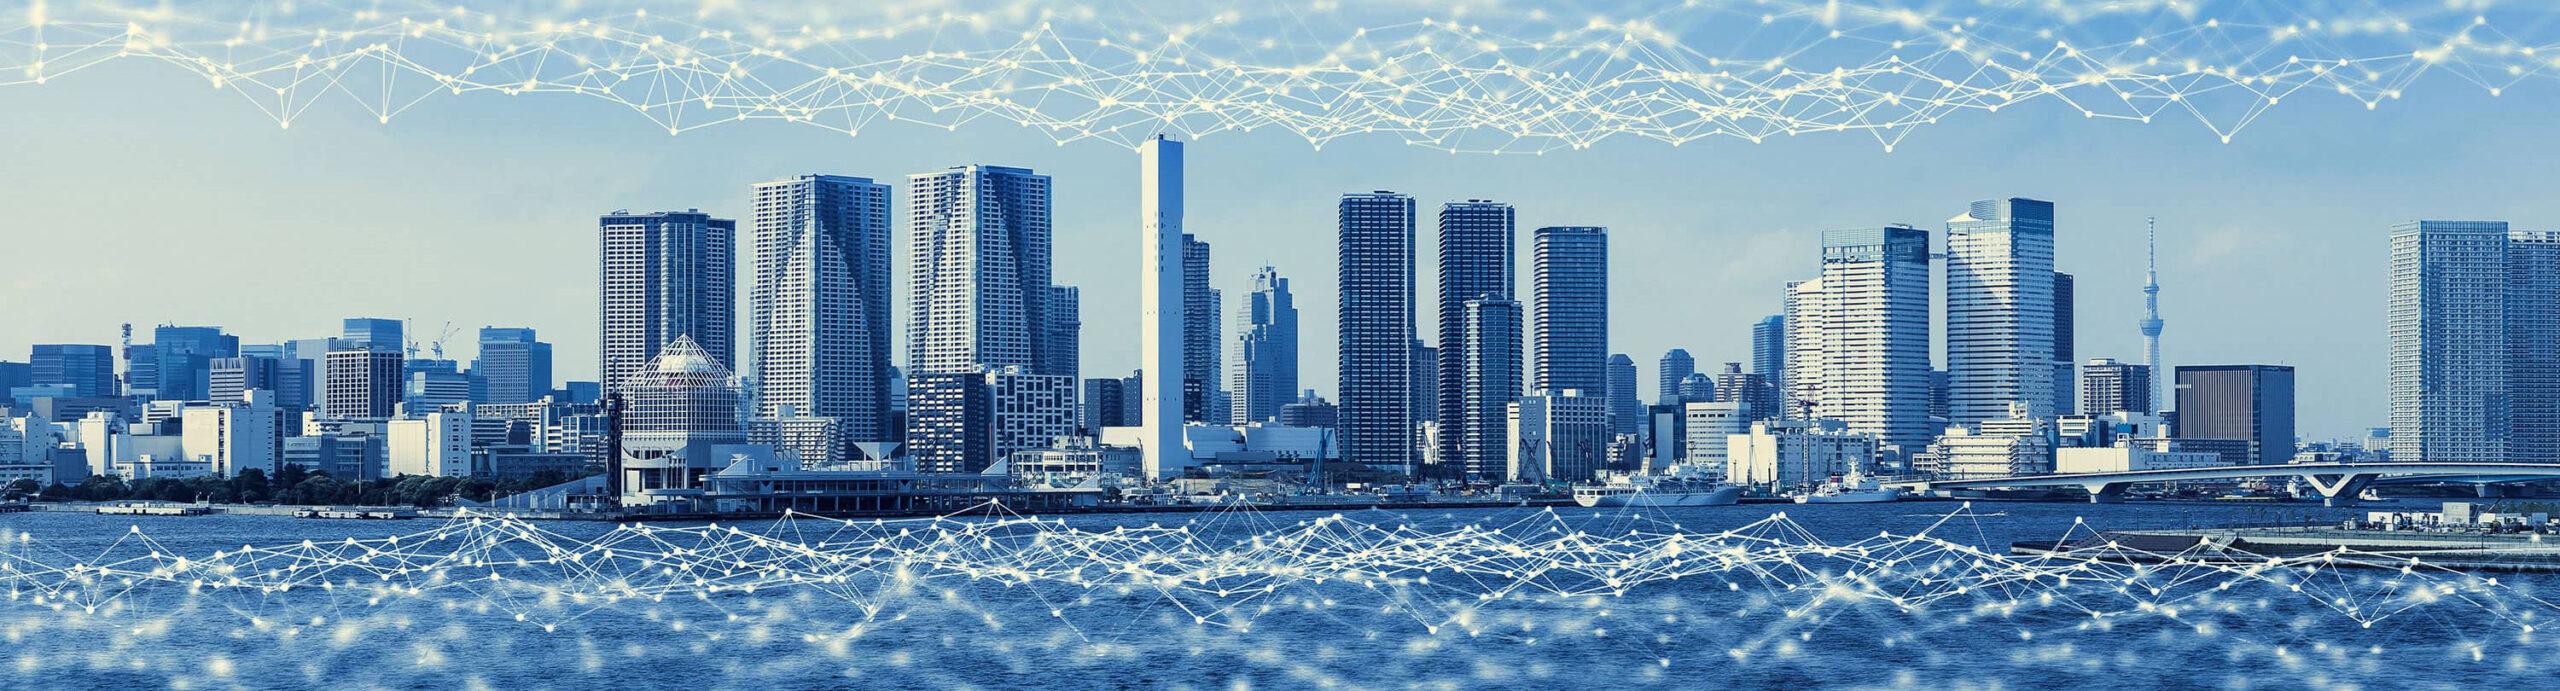 ict smart city